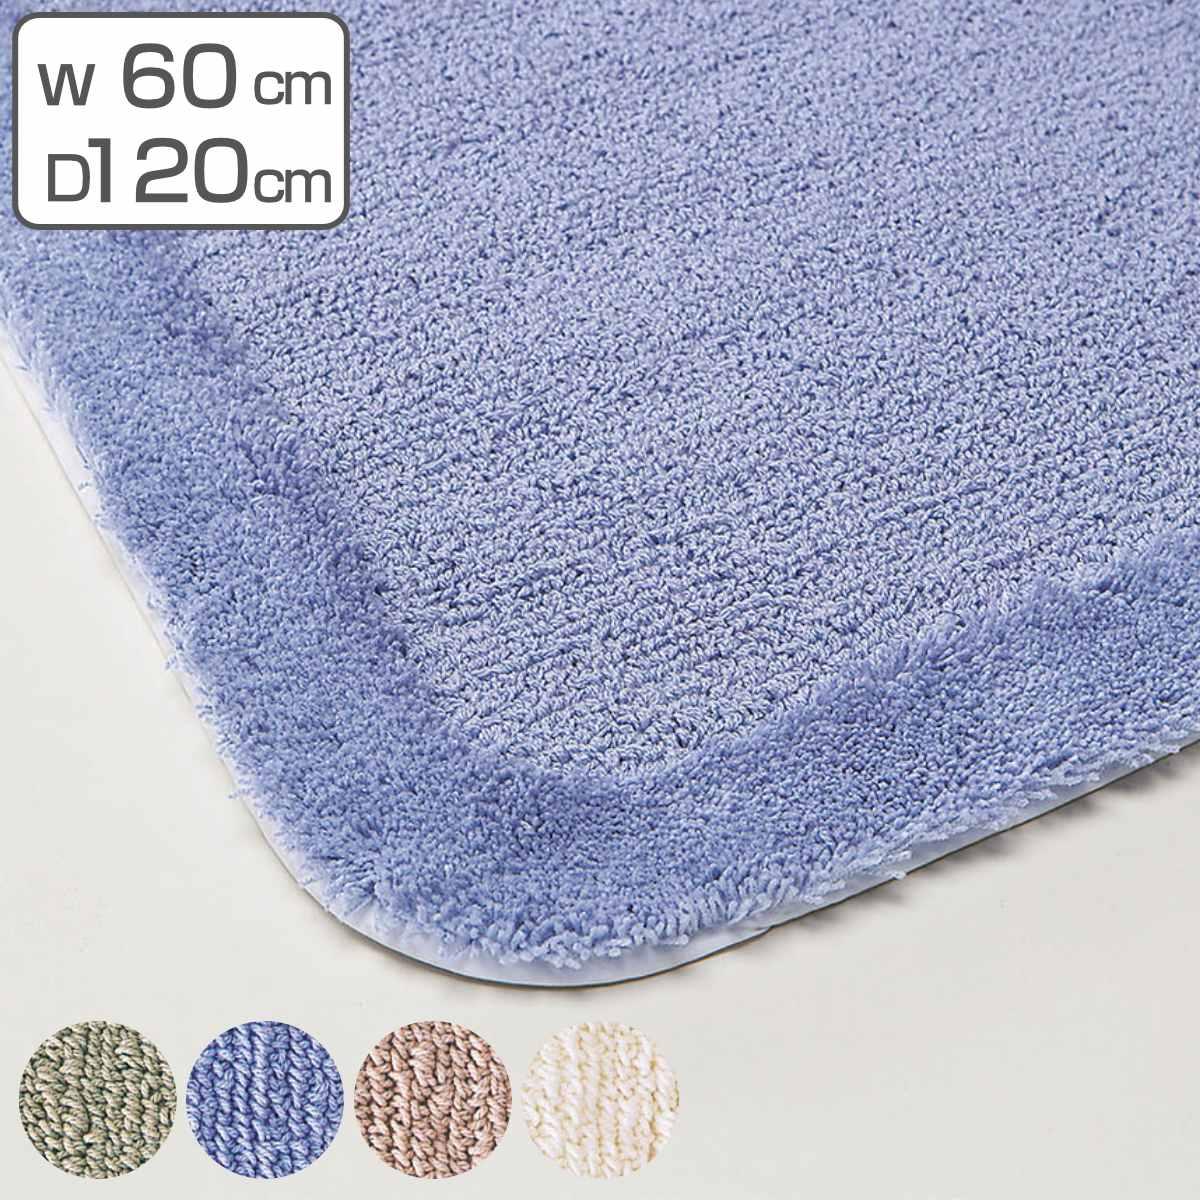 バスマット業務用 吸水ループパイル ノンスリップ抗菌仕様 60×120  ( 足拭き 風呂マット 送料無料 )